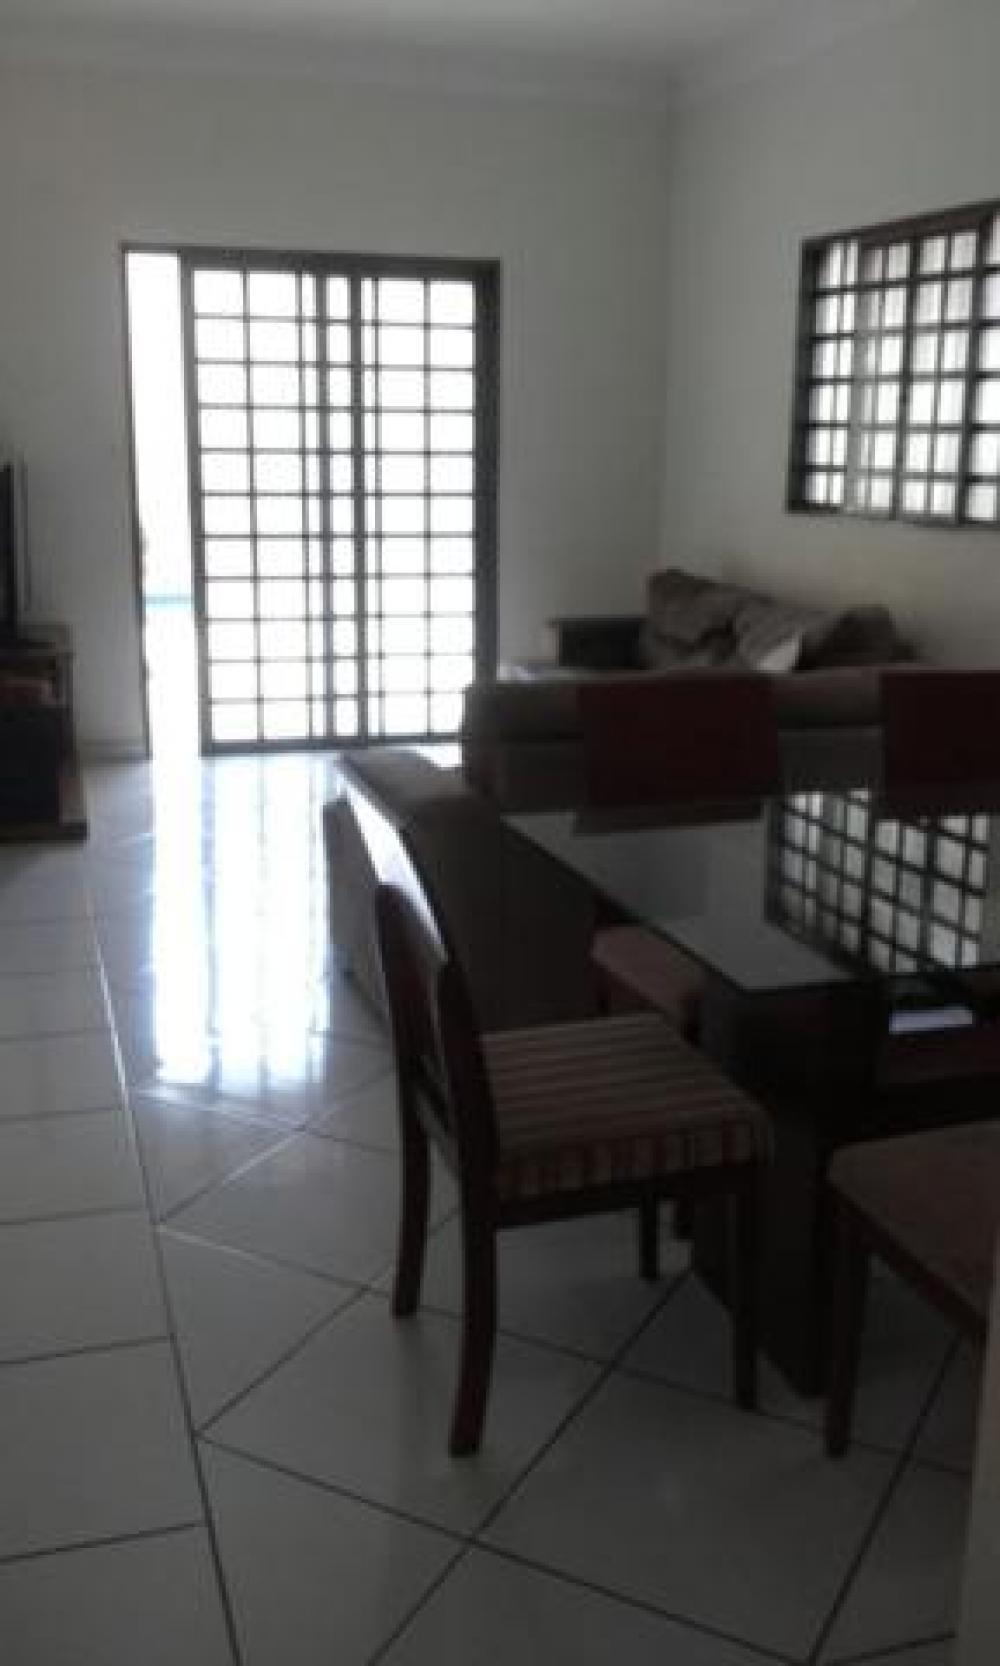 Comprar Casa / Padrão em São José do Rio Preto apenas R$ 340.000,00 - Foto 6